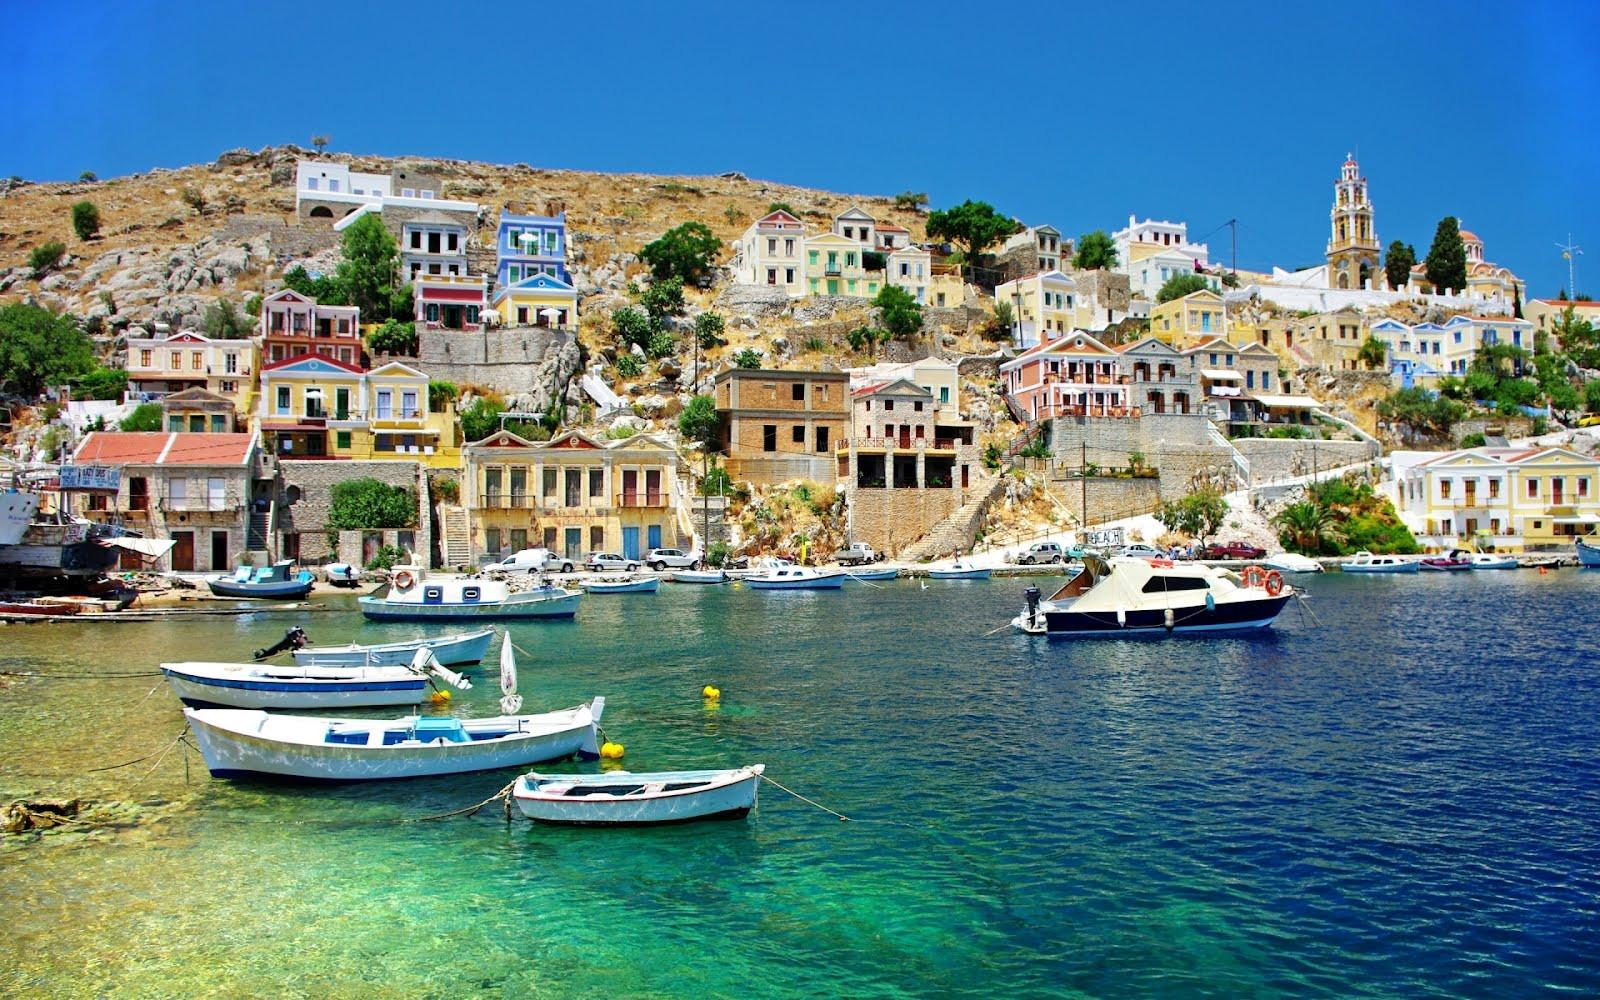 Grecia_botes.jpg